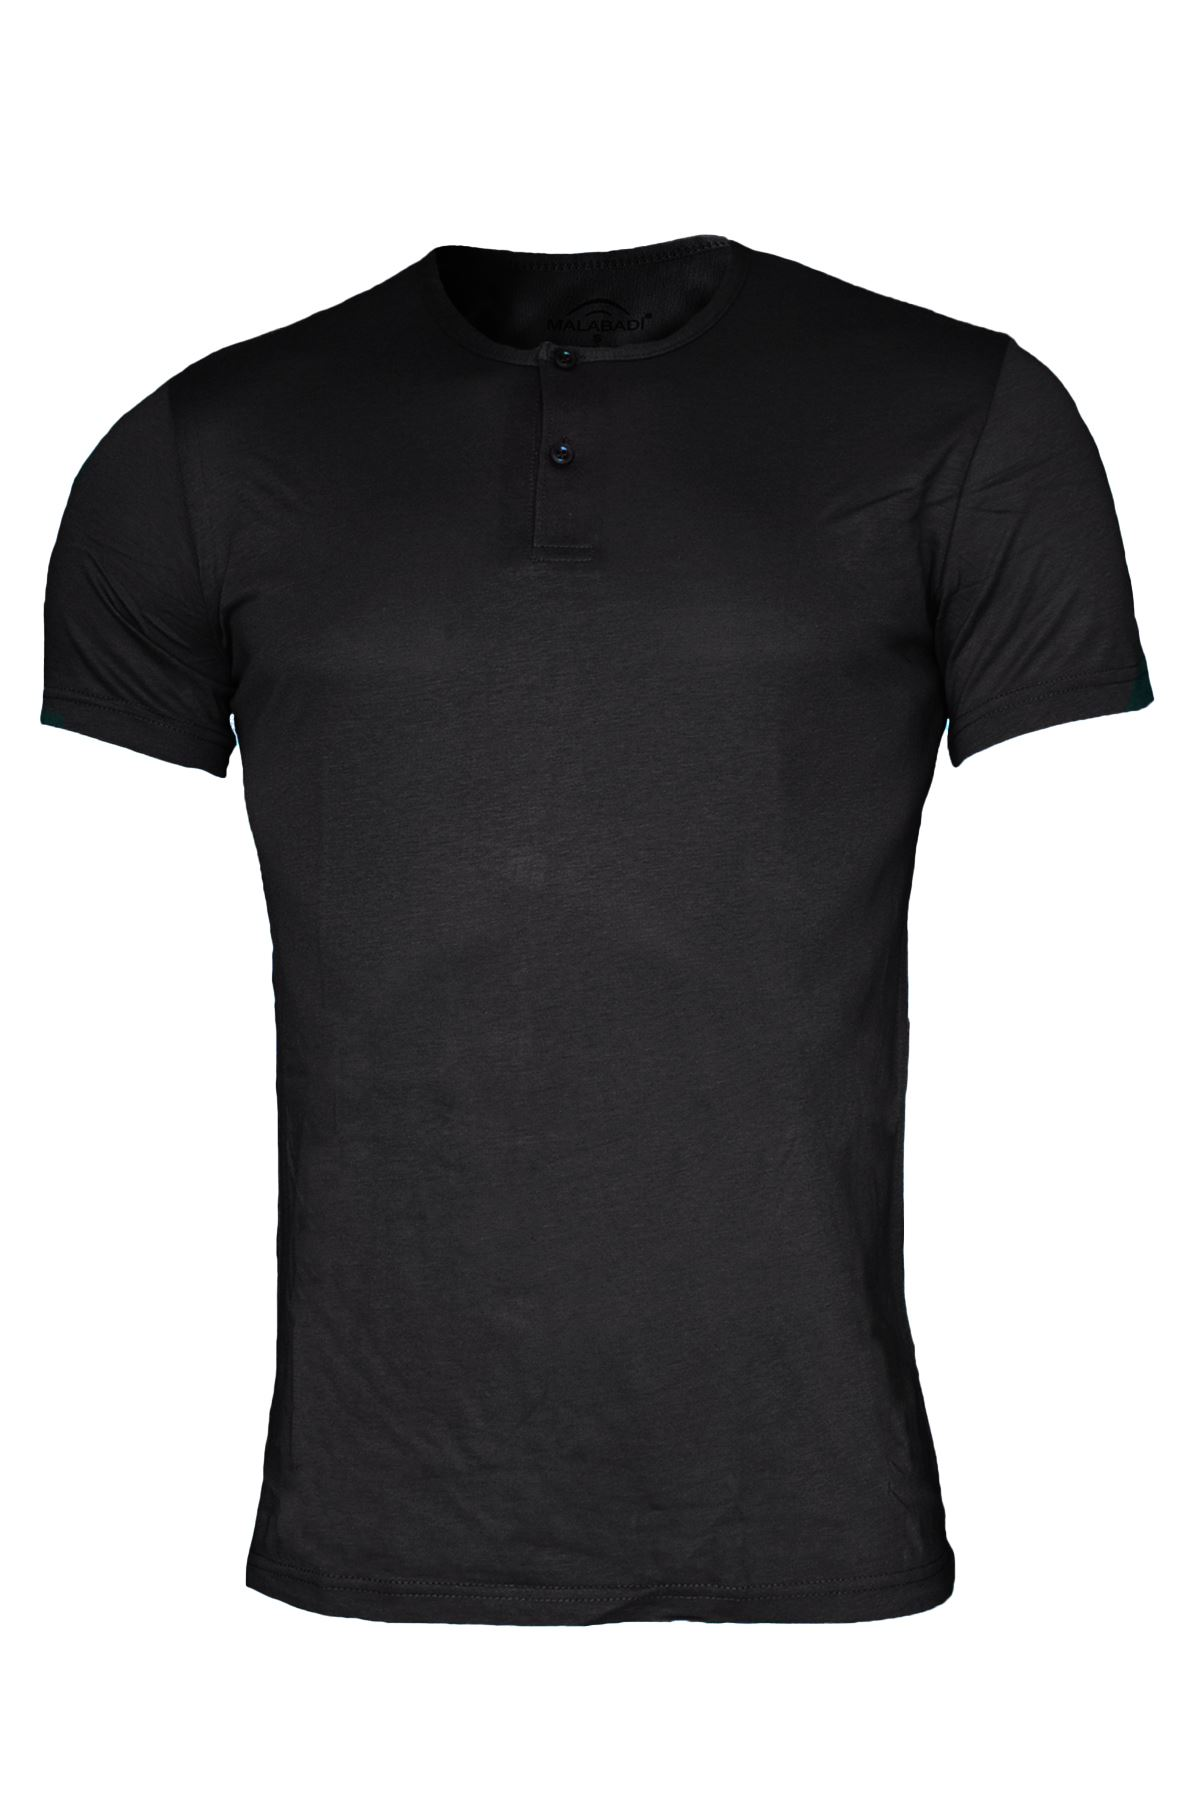 Siyah Erkek Düğmeli Yaka Yaz Serinliği Tshirt 083